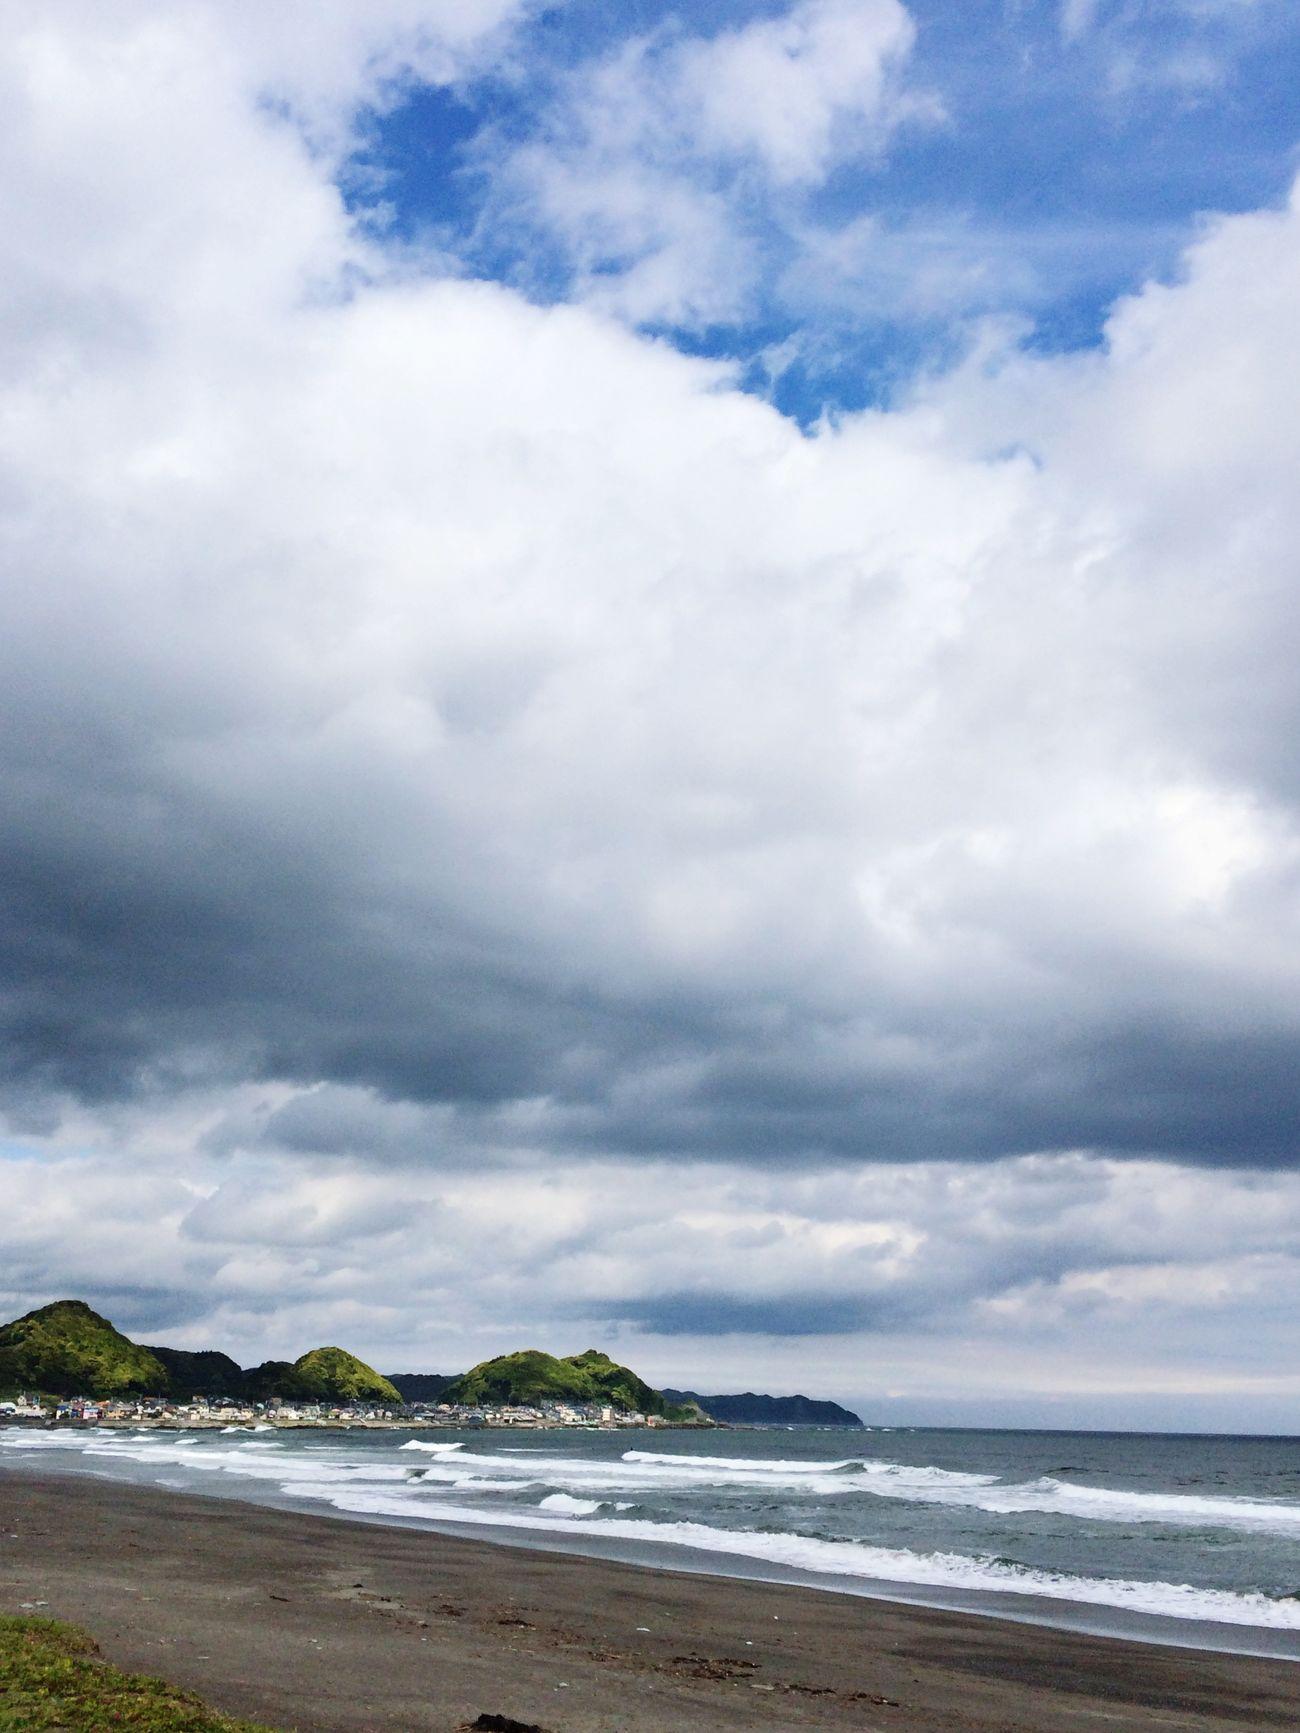 イマソラ Surfing Nature_collection Eye Em Nature Lover Sea And Sky 空 Sea Side